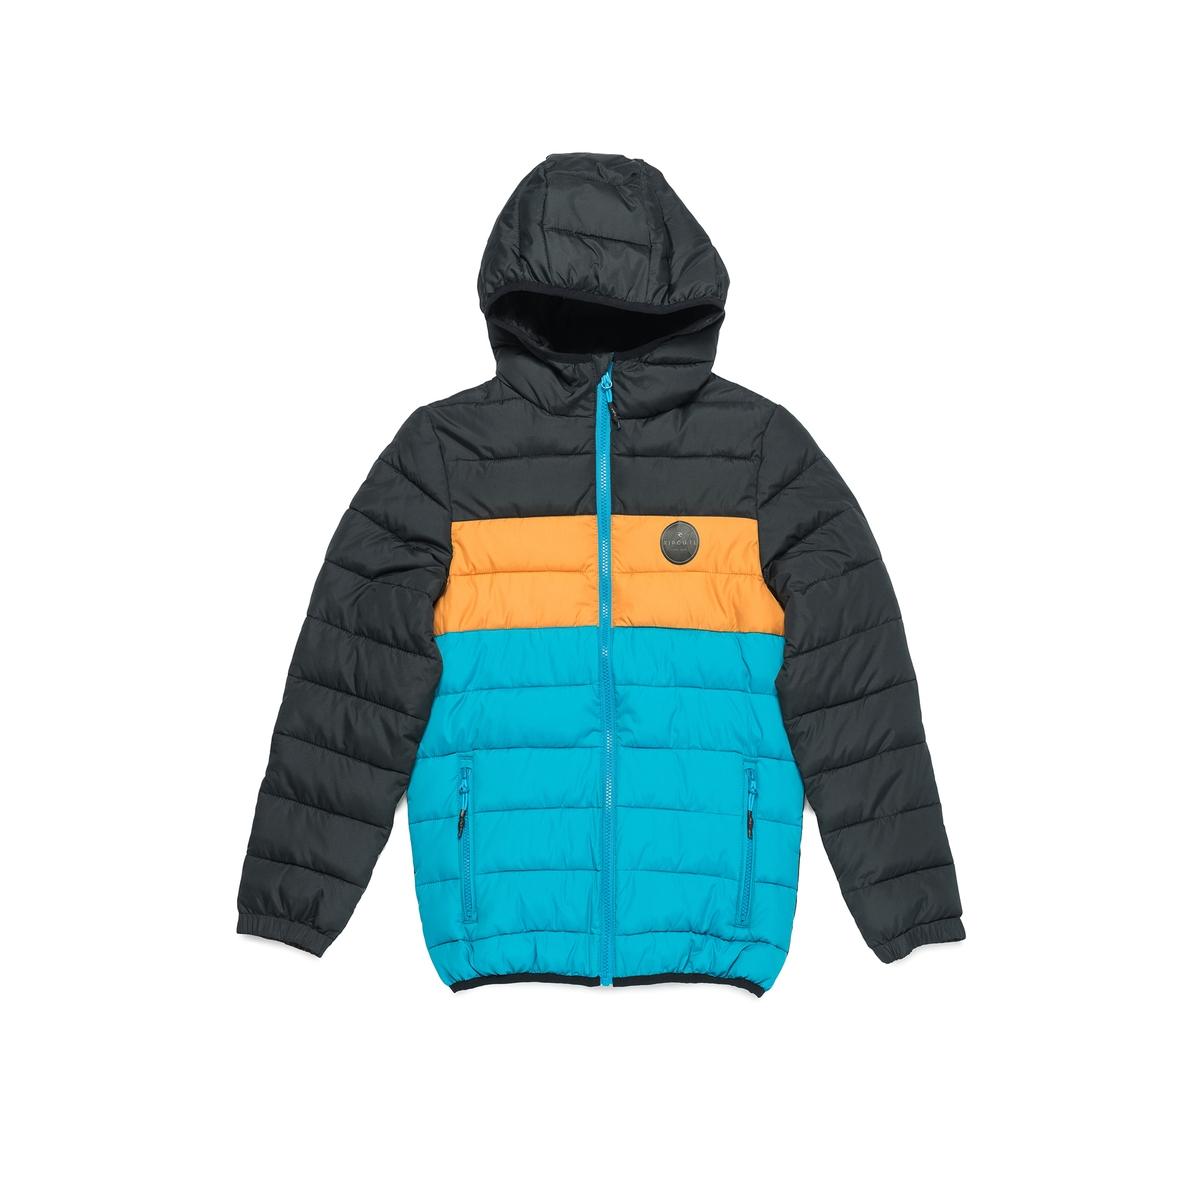 Куртка стеганая в полоску с капюшоном, 8-16 летСтеганая куртка с капюшоном RIP CURL. Стеганая куртка с капюшоном в черную, оранжевую и синюю полоску. Застежка на молнию, 2 кармана на молнии. Логотип RIP CURL на груди.Состав и описание :  Материал        100% полиэстераМарка    RIP CURL     УходСтирка, сушка и глажка с изнаночной стороны     Машинная стирка при 30 °C с вещами схожих цветов     Машинная сушка запрещена     Не гладить<br><br>Цвет: черный<br>Размер: 8 лет - 126 см